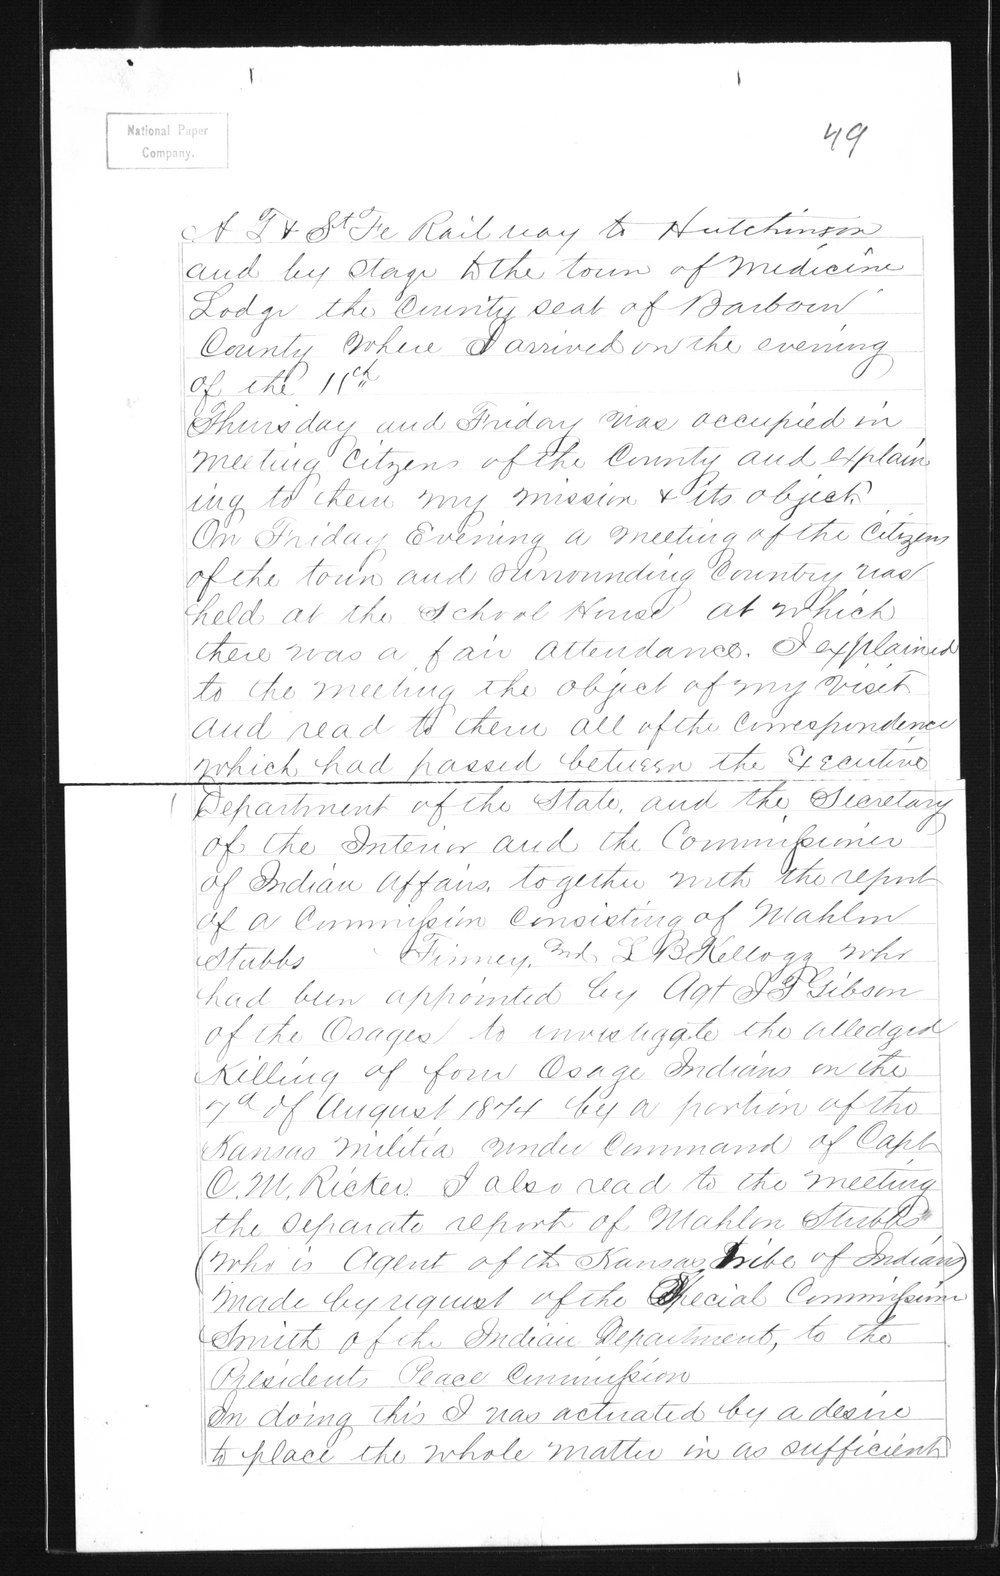 Captain Lewis Hanback's final report - 49